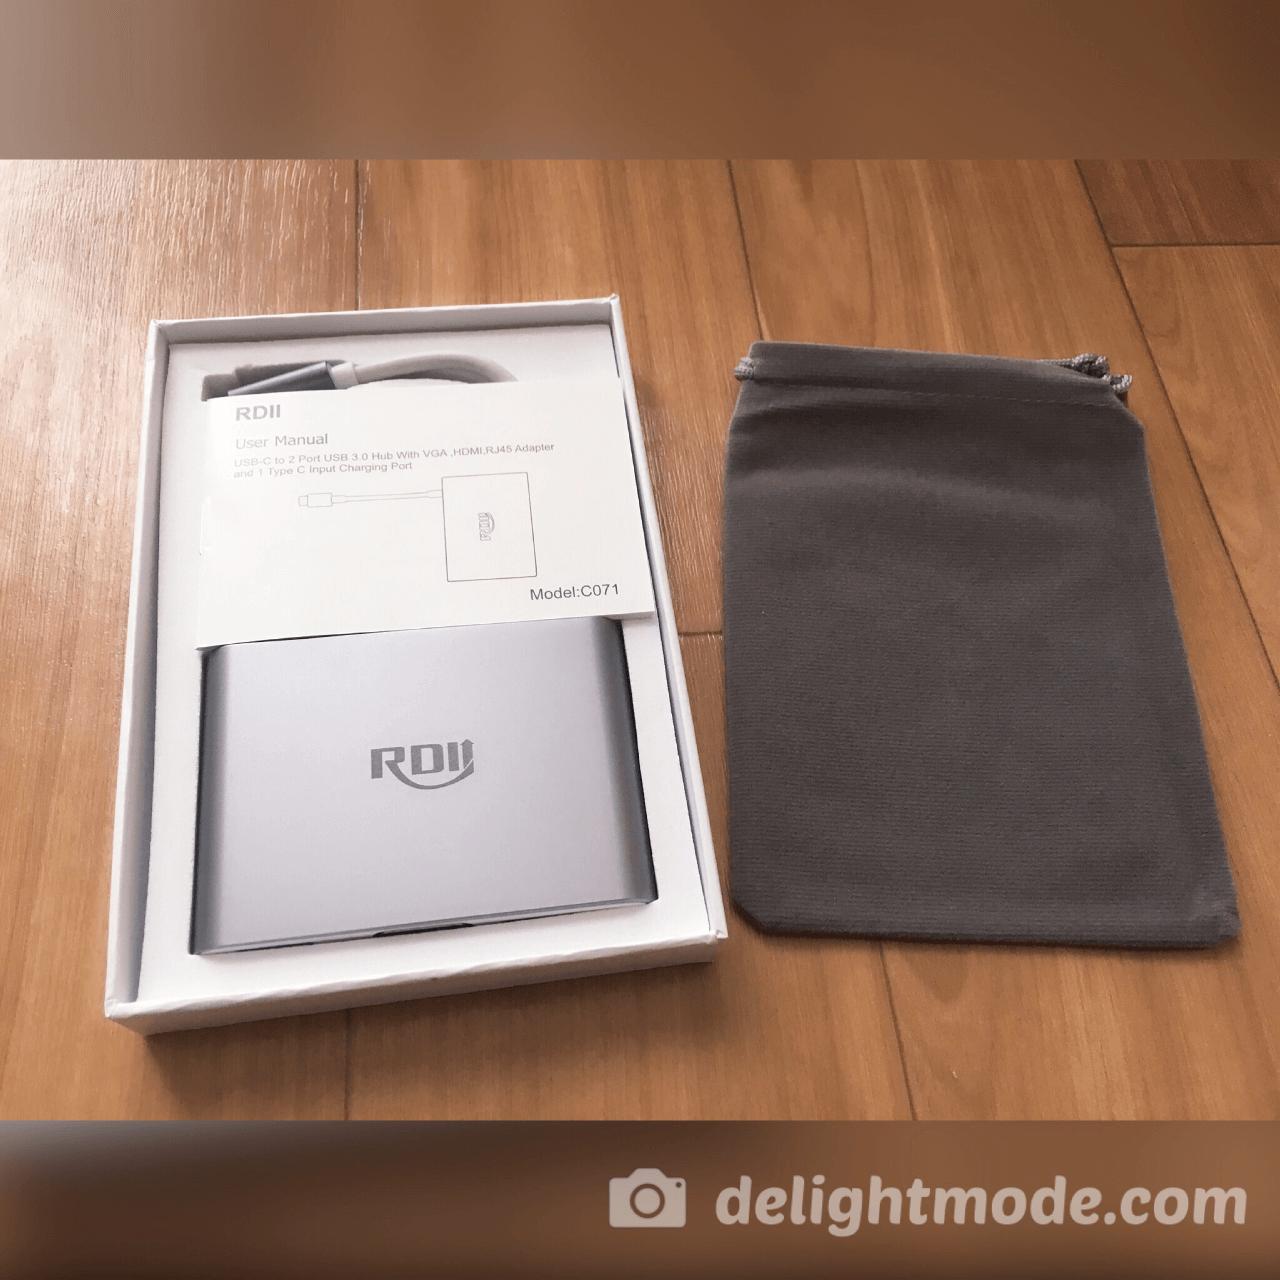 USB-Cマルチポート(6 in 1)ハブ「RDII C071」の開封写真です。収納ポーチと本体、説明書があります。